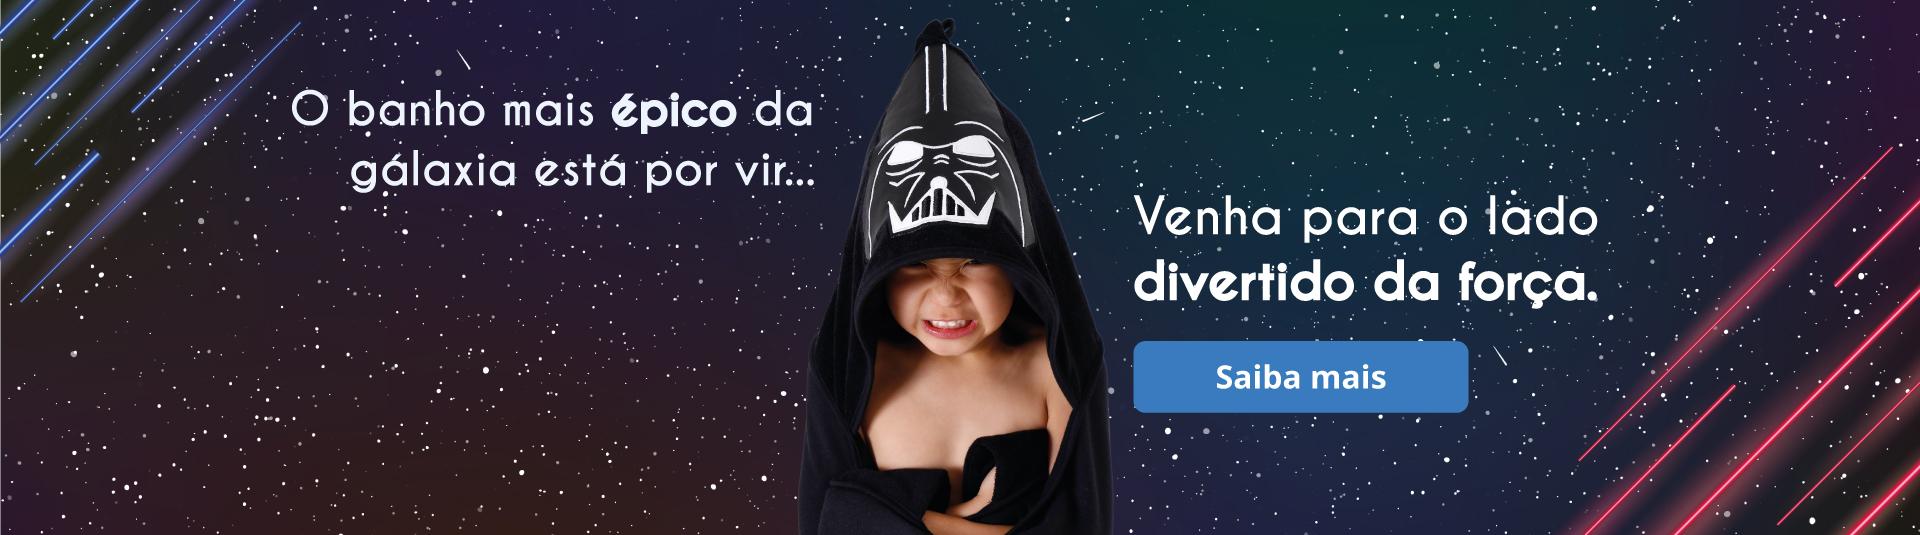 Toalha Divertida Darth Vader